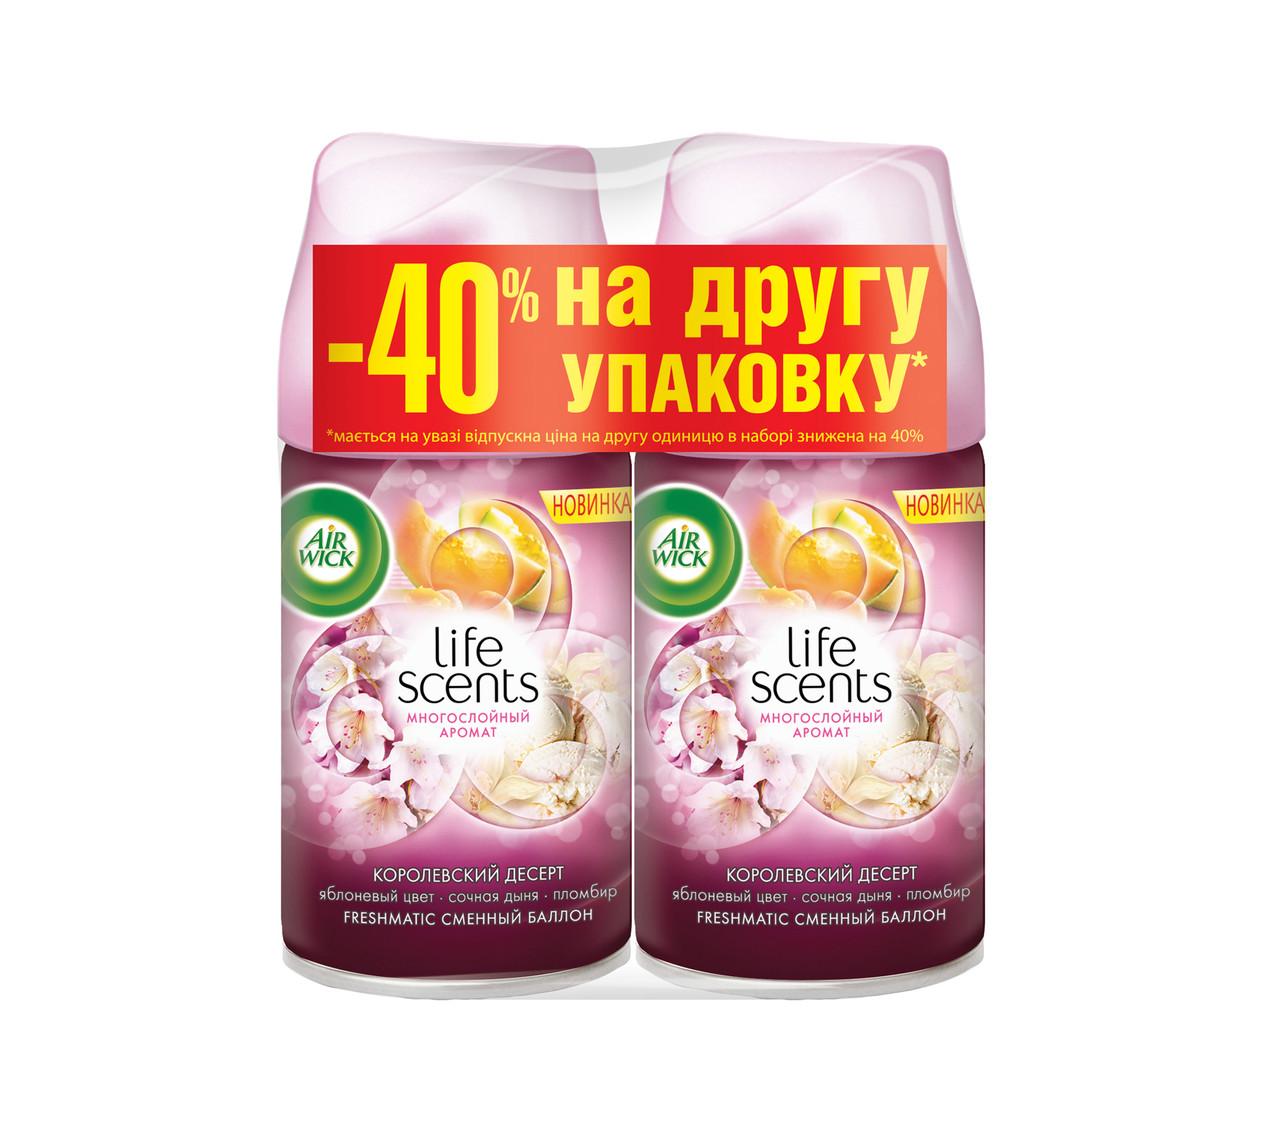 DUO PACK ARW FMAT REFIL Королівський  Десерт (-40% on 2nd)